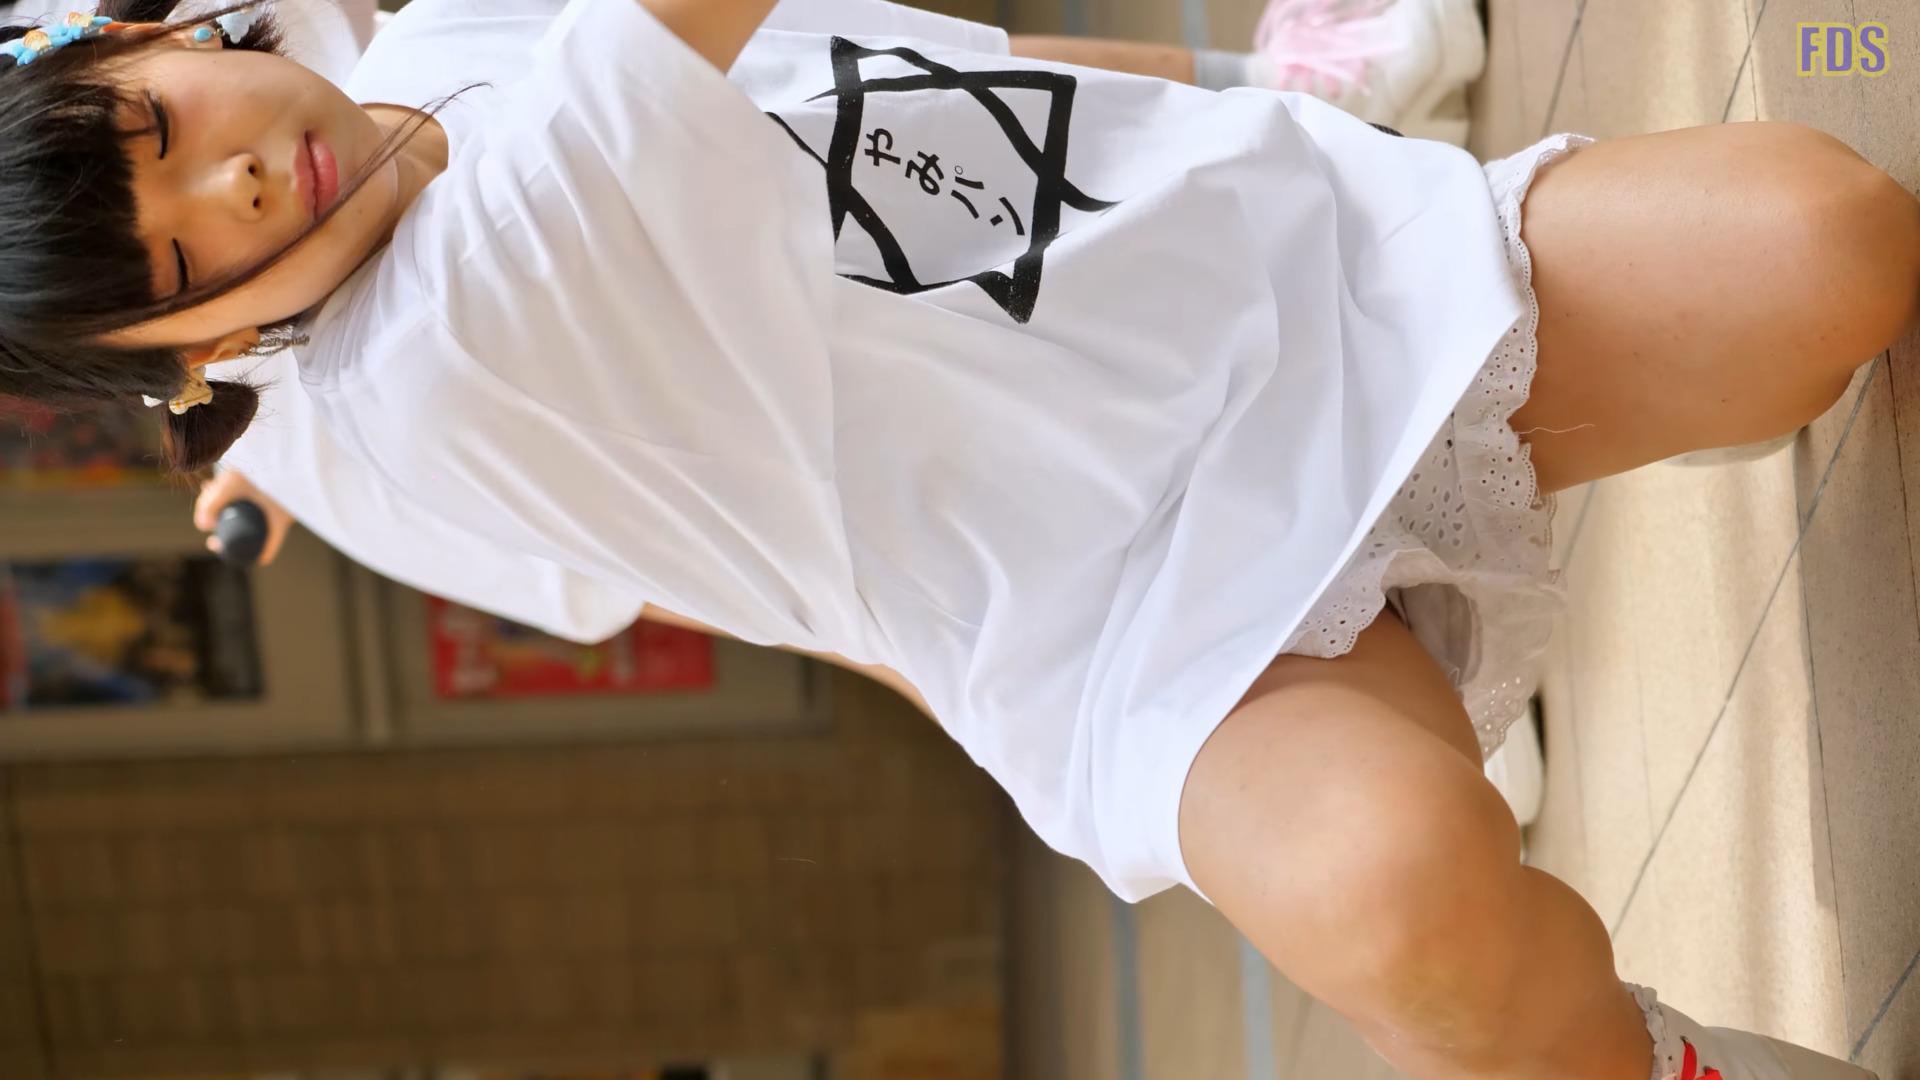 やみやみパンダ 病みかわいいアイドル 「瞳ノ行末」 Japanese girls Idol group [4K] 01:47